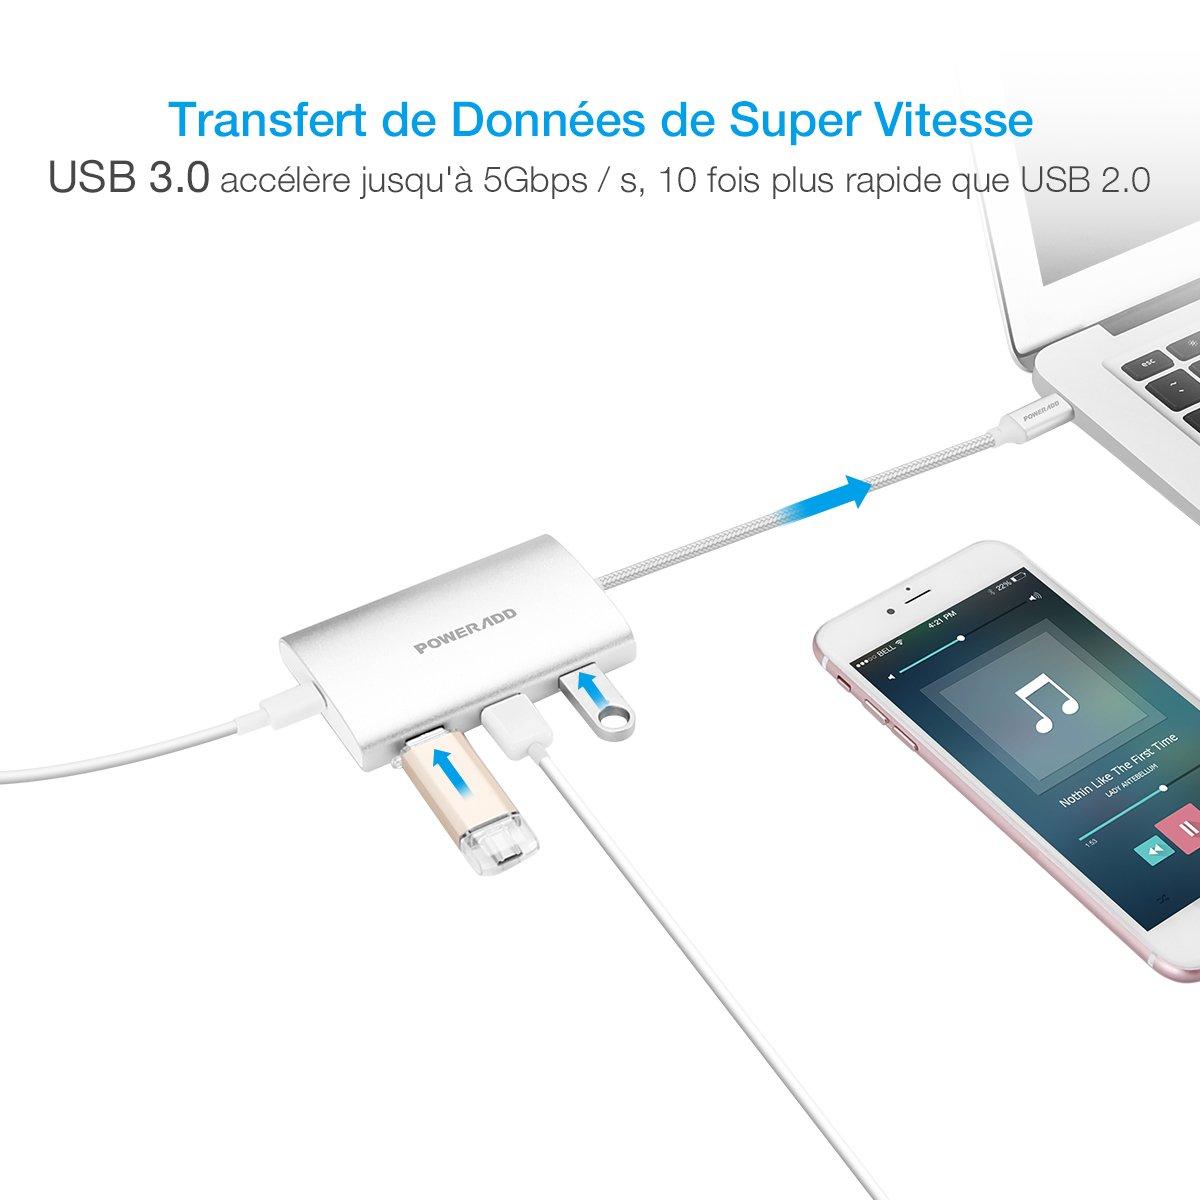 Poweradd Hub USB Type-C Réseau Adaptateur 3 Ports USB 3.0 avec un Port PD 2.0, puissance de Charge pour pour le MacBook Air, MacBook Pro, Mac Mini, Google Chromebook -Argent